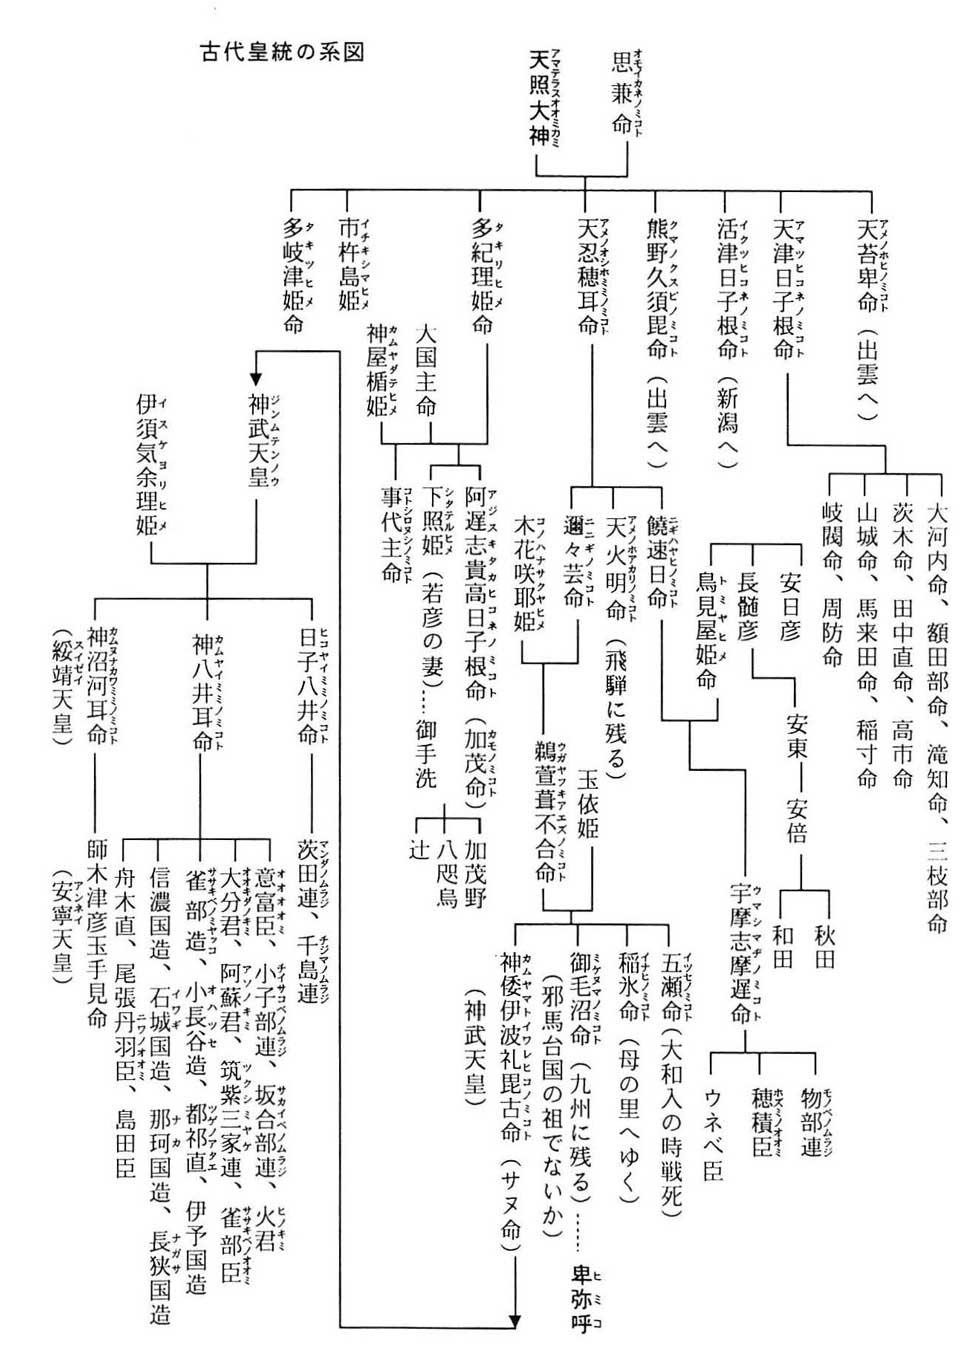 飛騨の口碑から解る古代皇統の系図